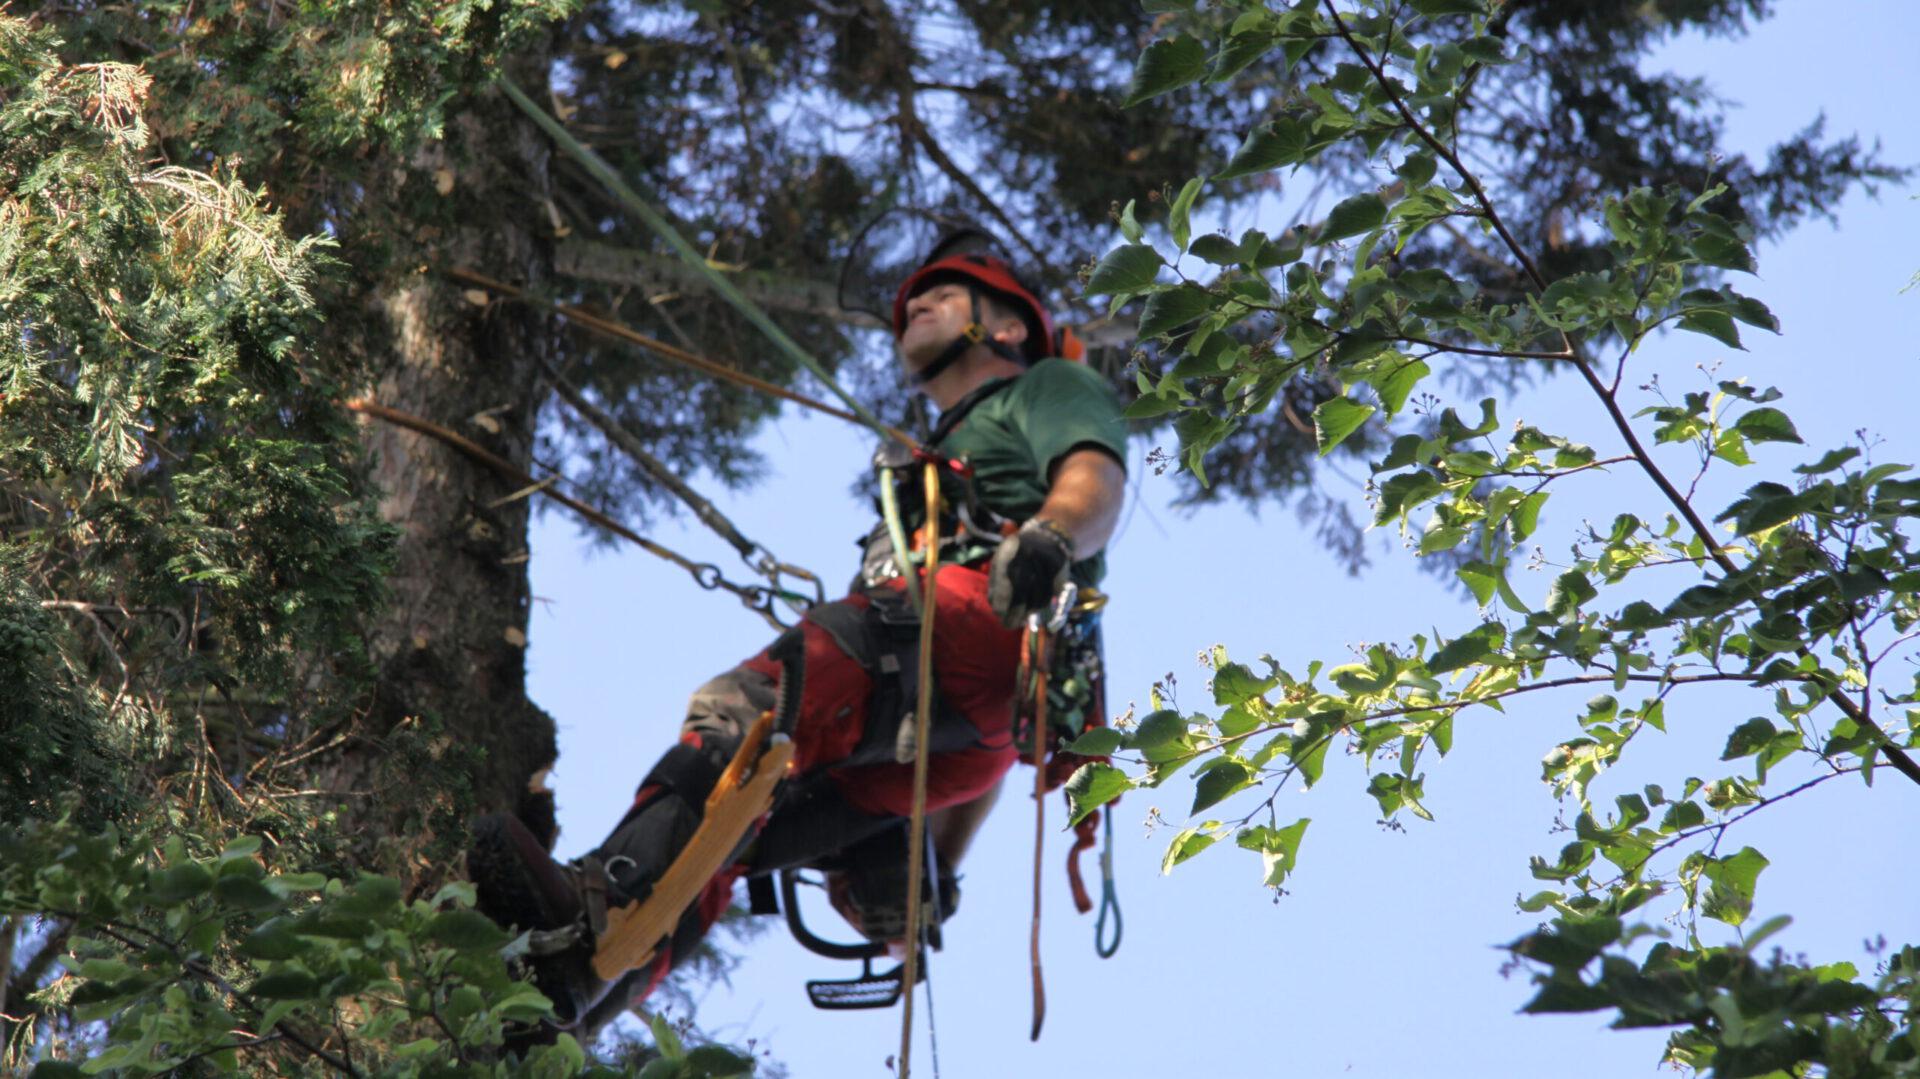 Baumpflege in Seilklettertechnik